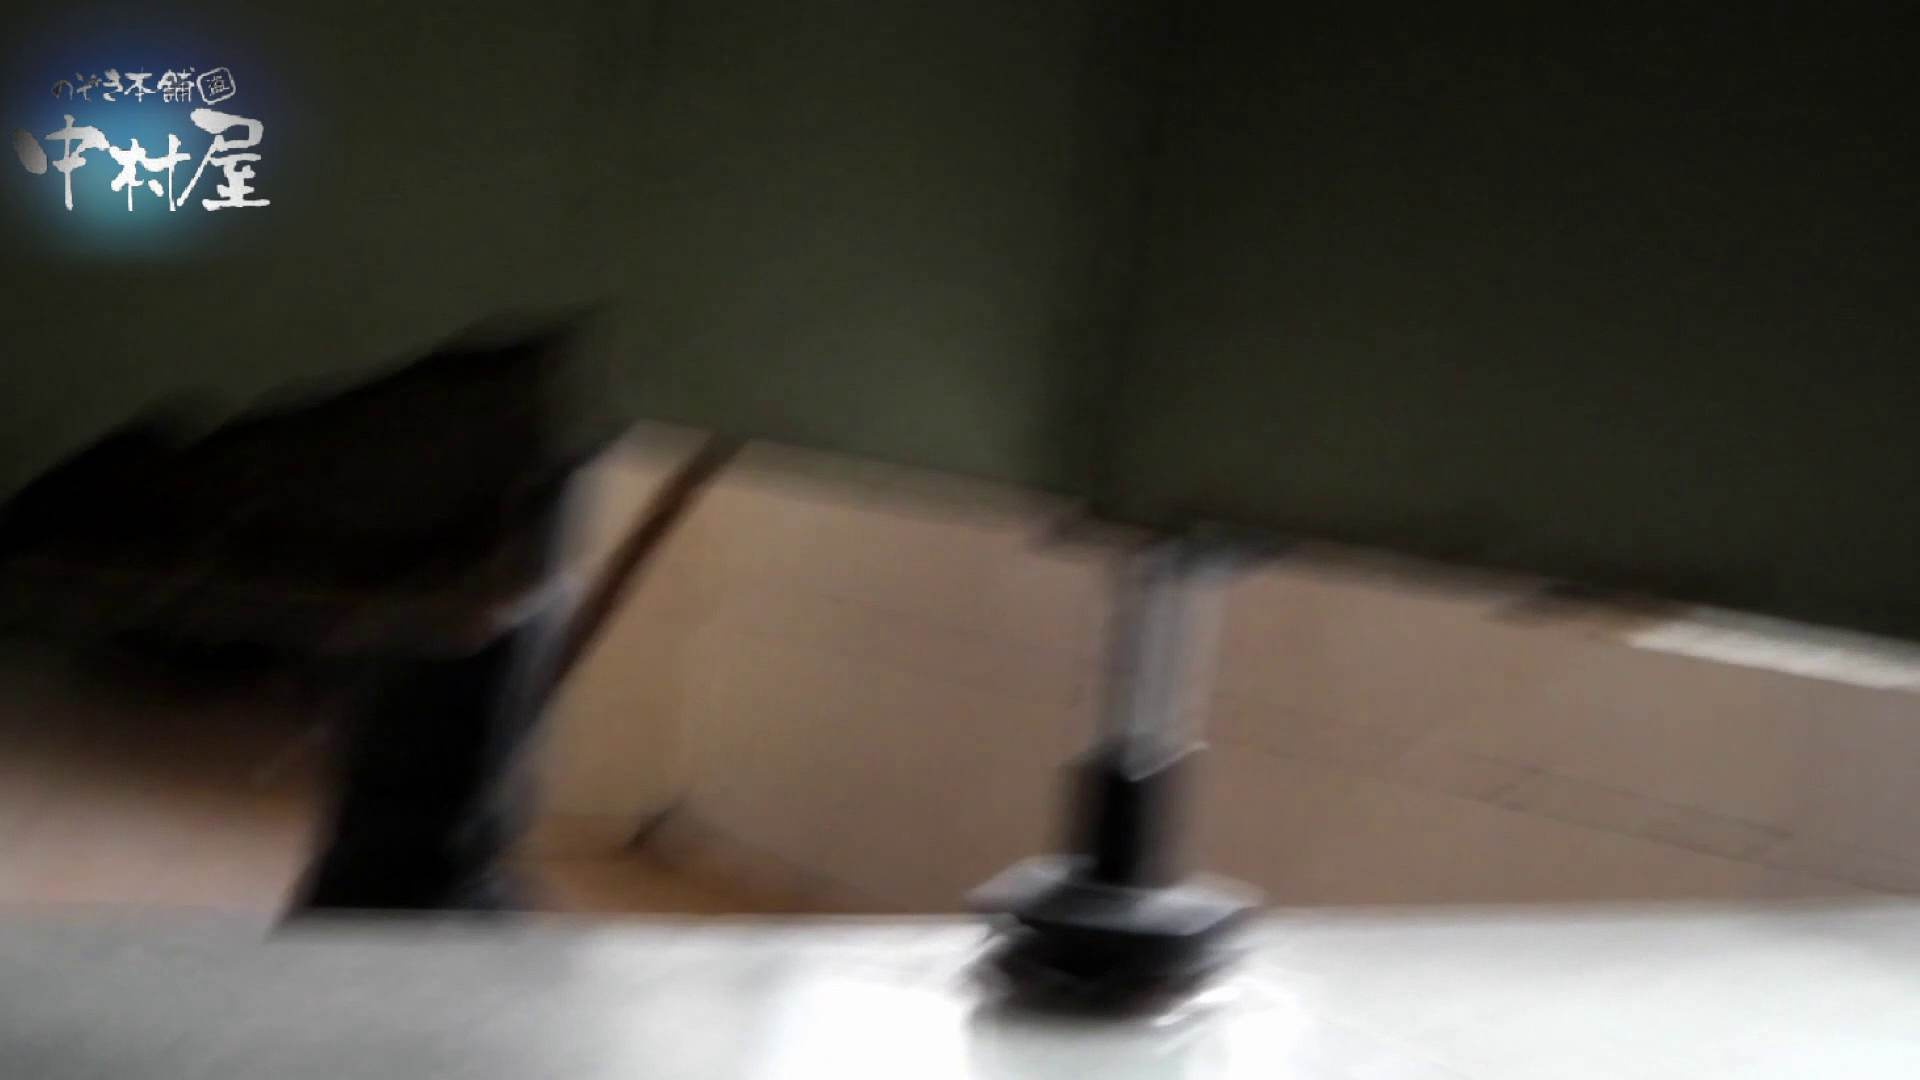 乙女集まる!ショッピングモール潜入撮vol.06 和式トイレ ヌード画像 86pic 65